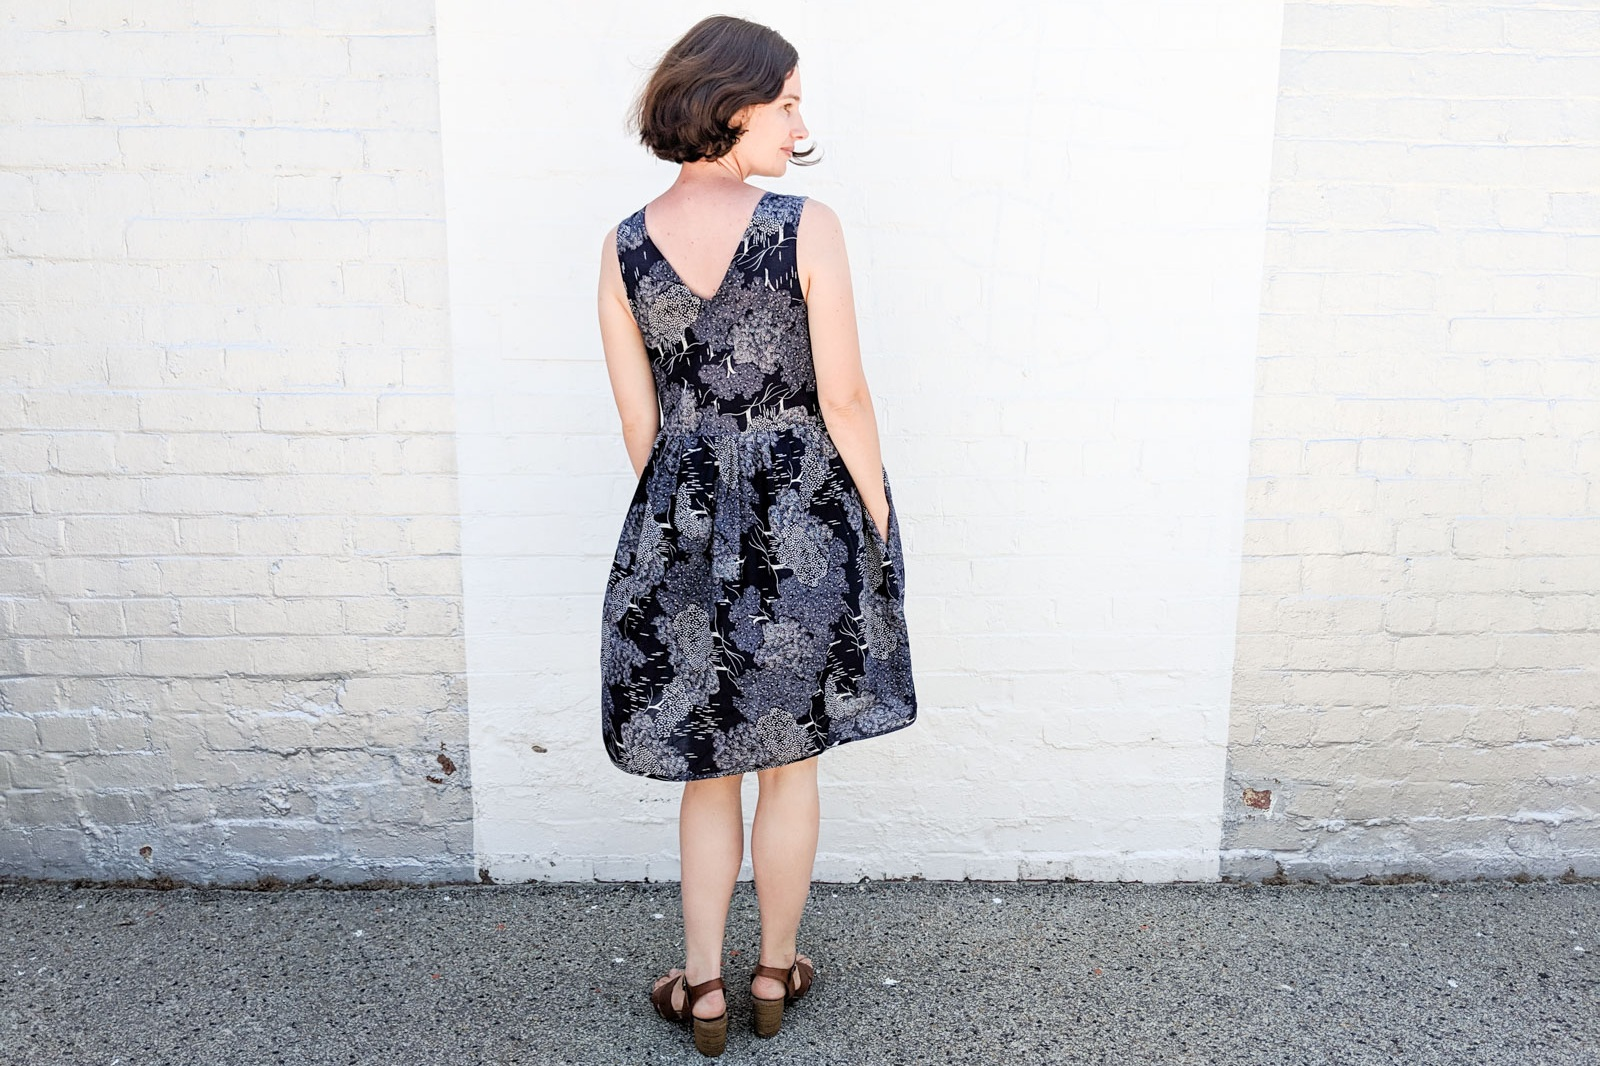 Peplum+dress+2.jpg